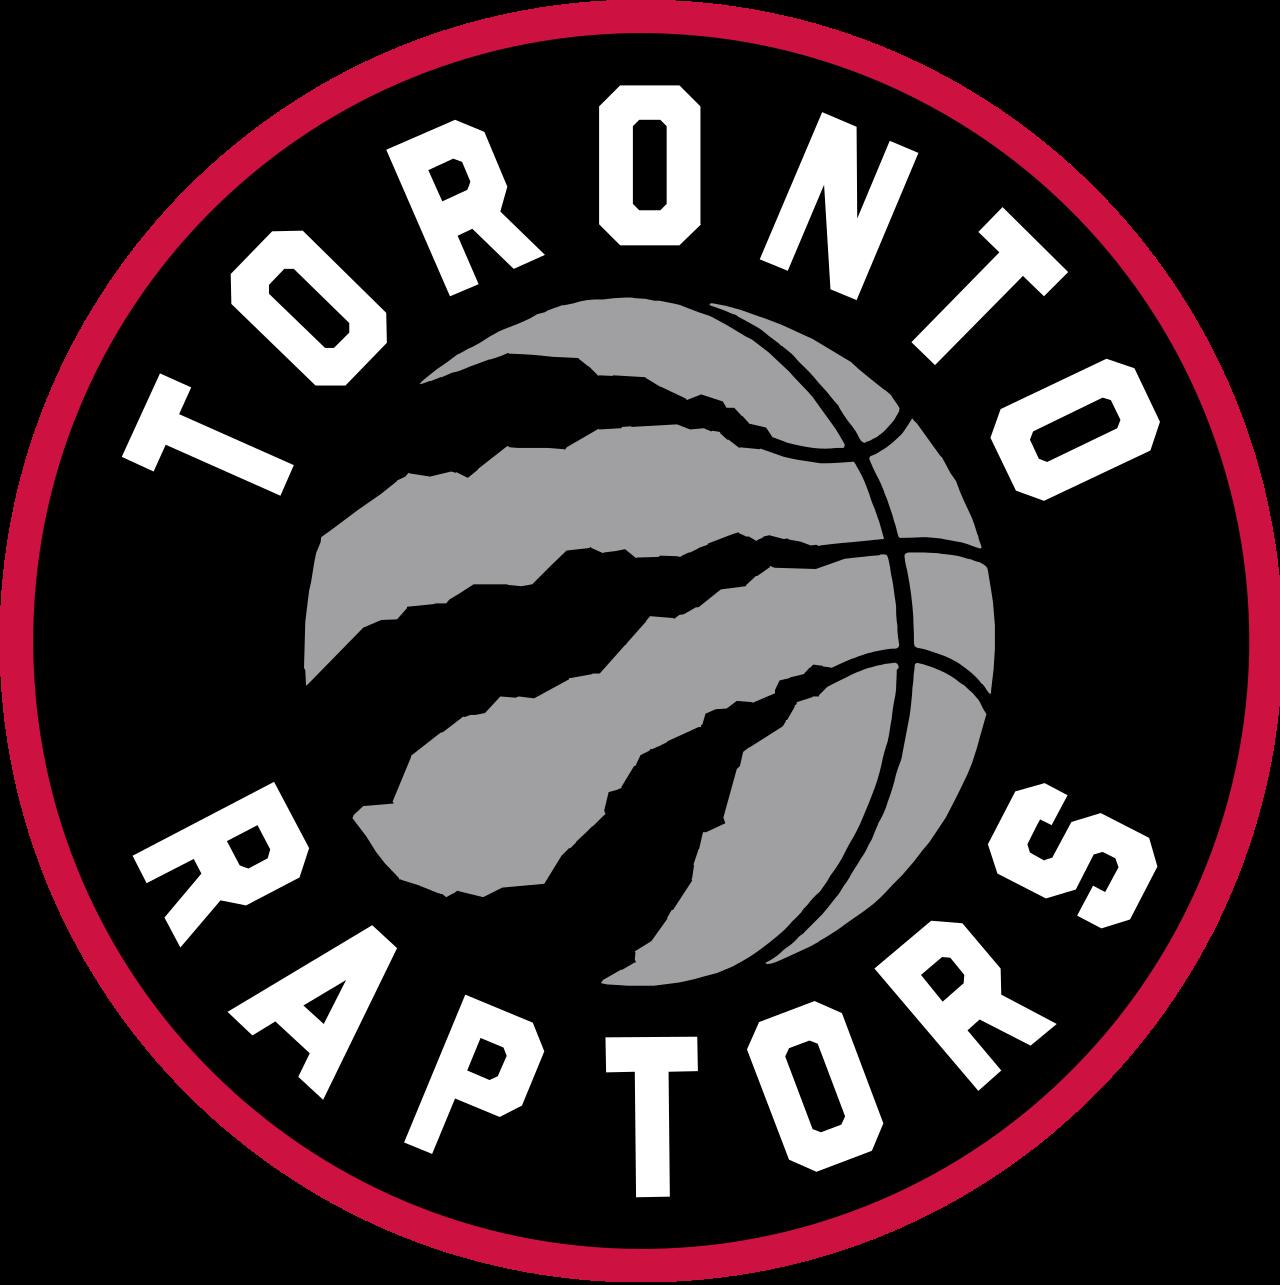 Toronto Raptors spiller for at genvinde trofæet